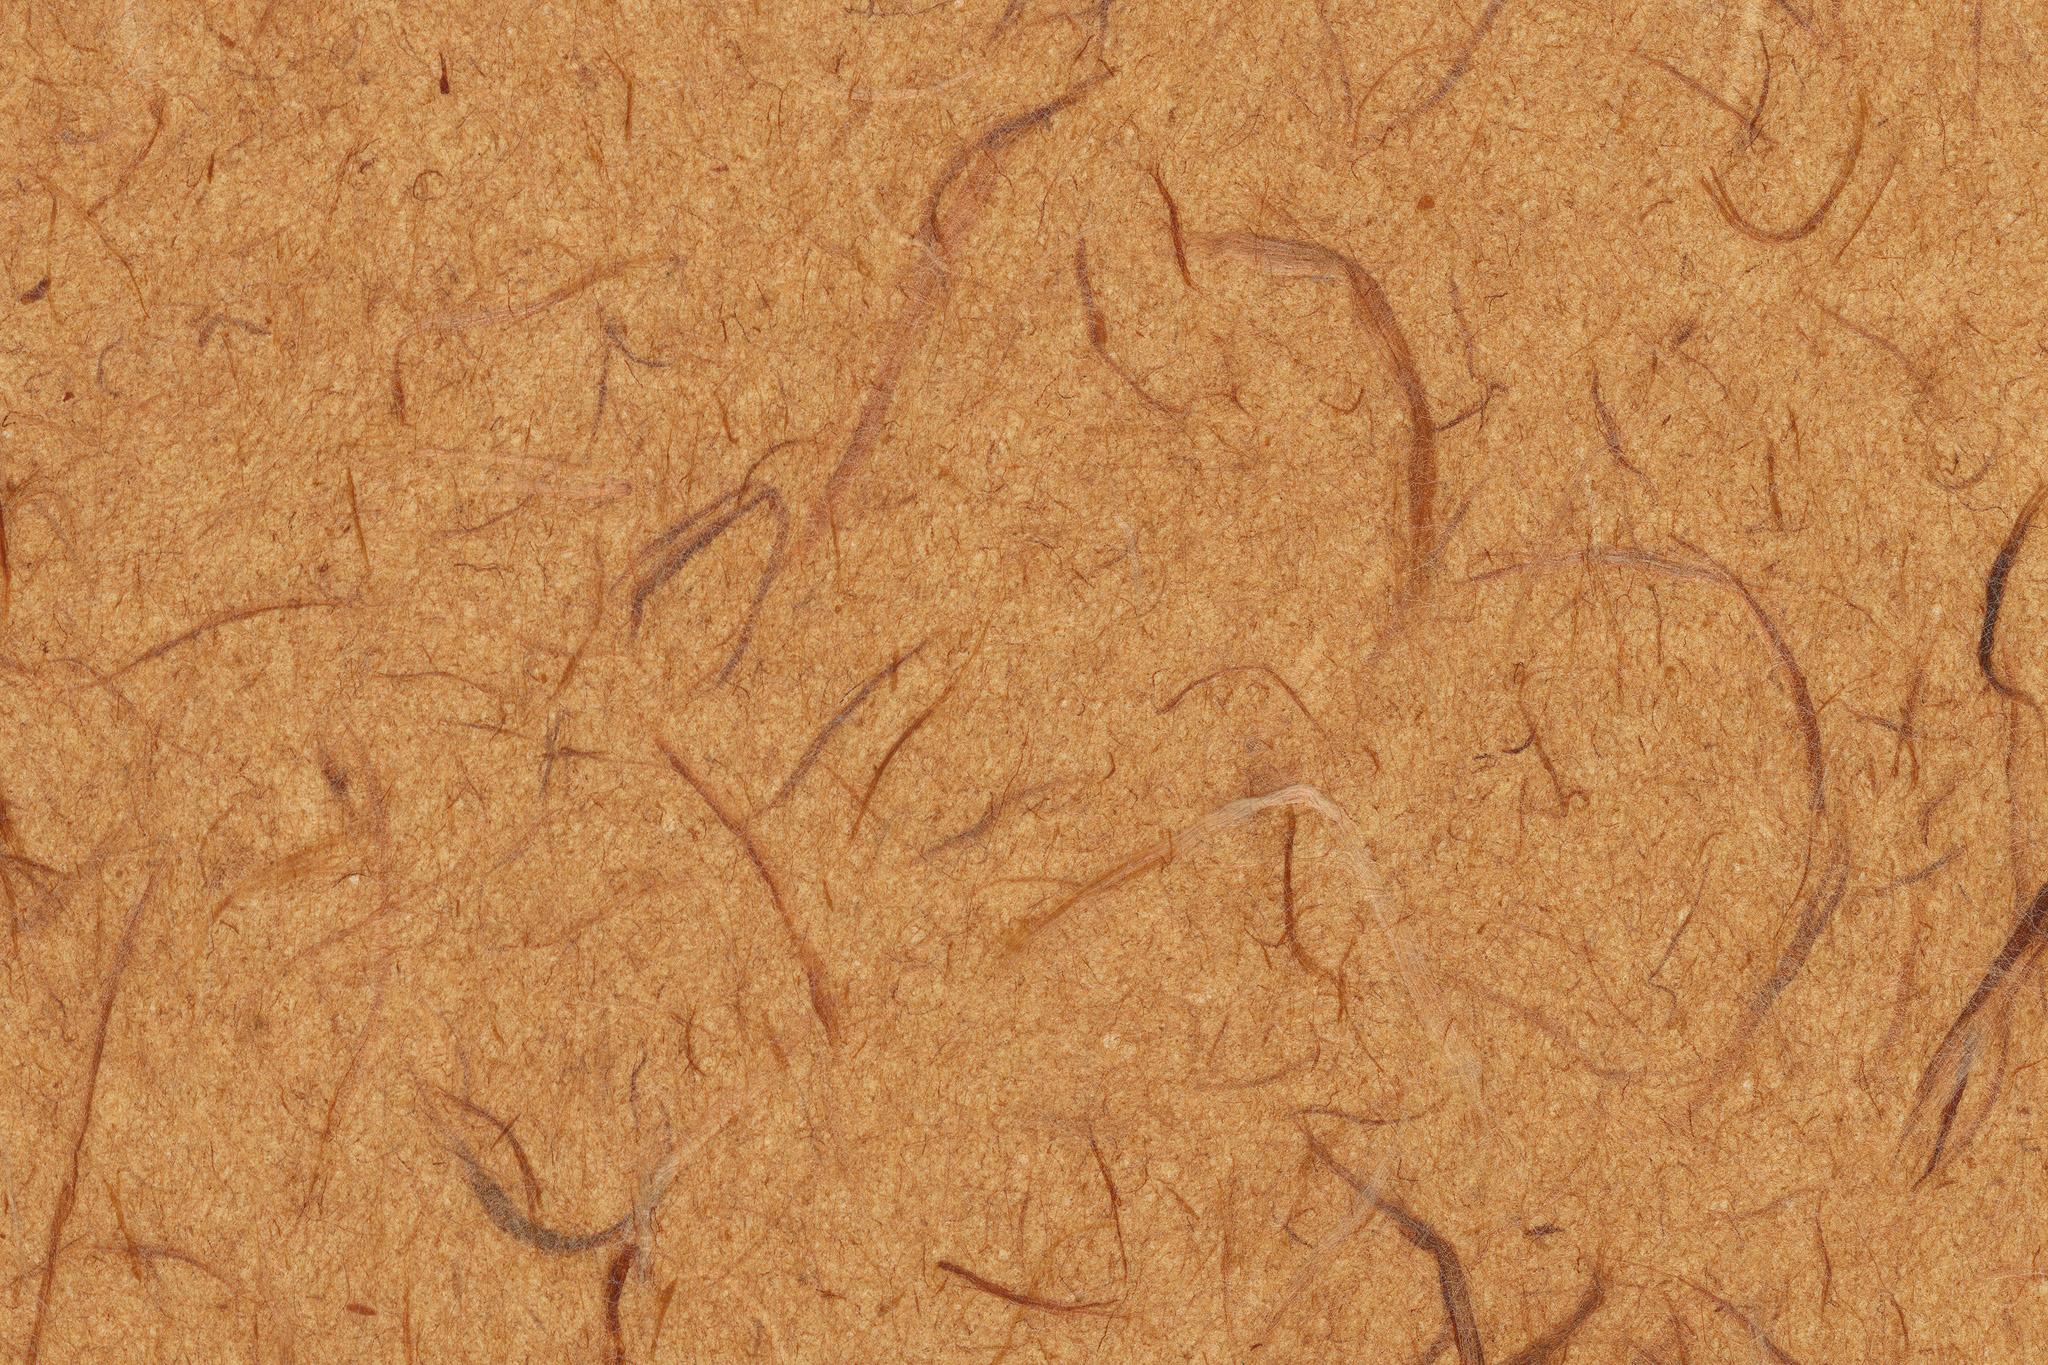 「伽羅茶色の荒いテクスチャの雲龍和紙」の背景を無料ダウンロード